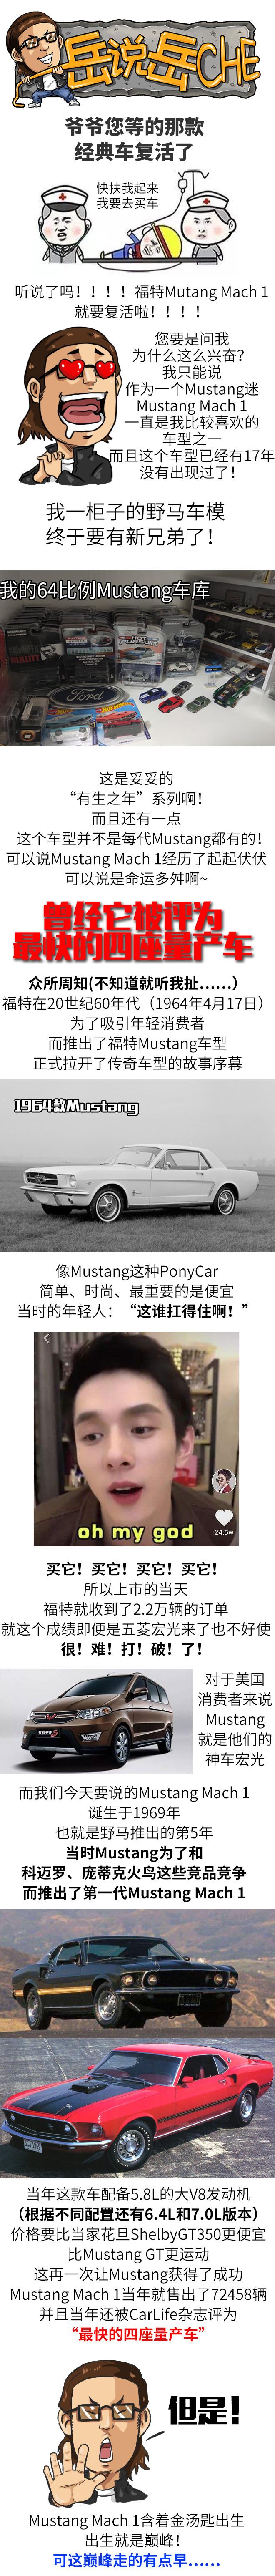 一款上市即巅峰的美式跑车即将复活!扯扯Mustang Mach1的前世今生